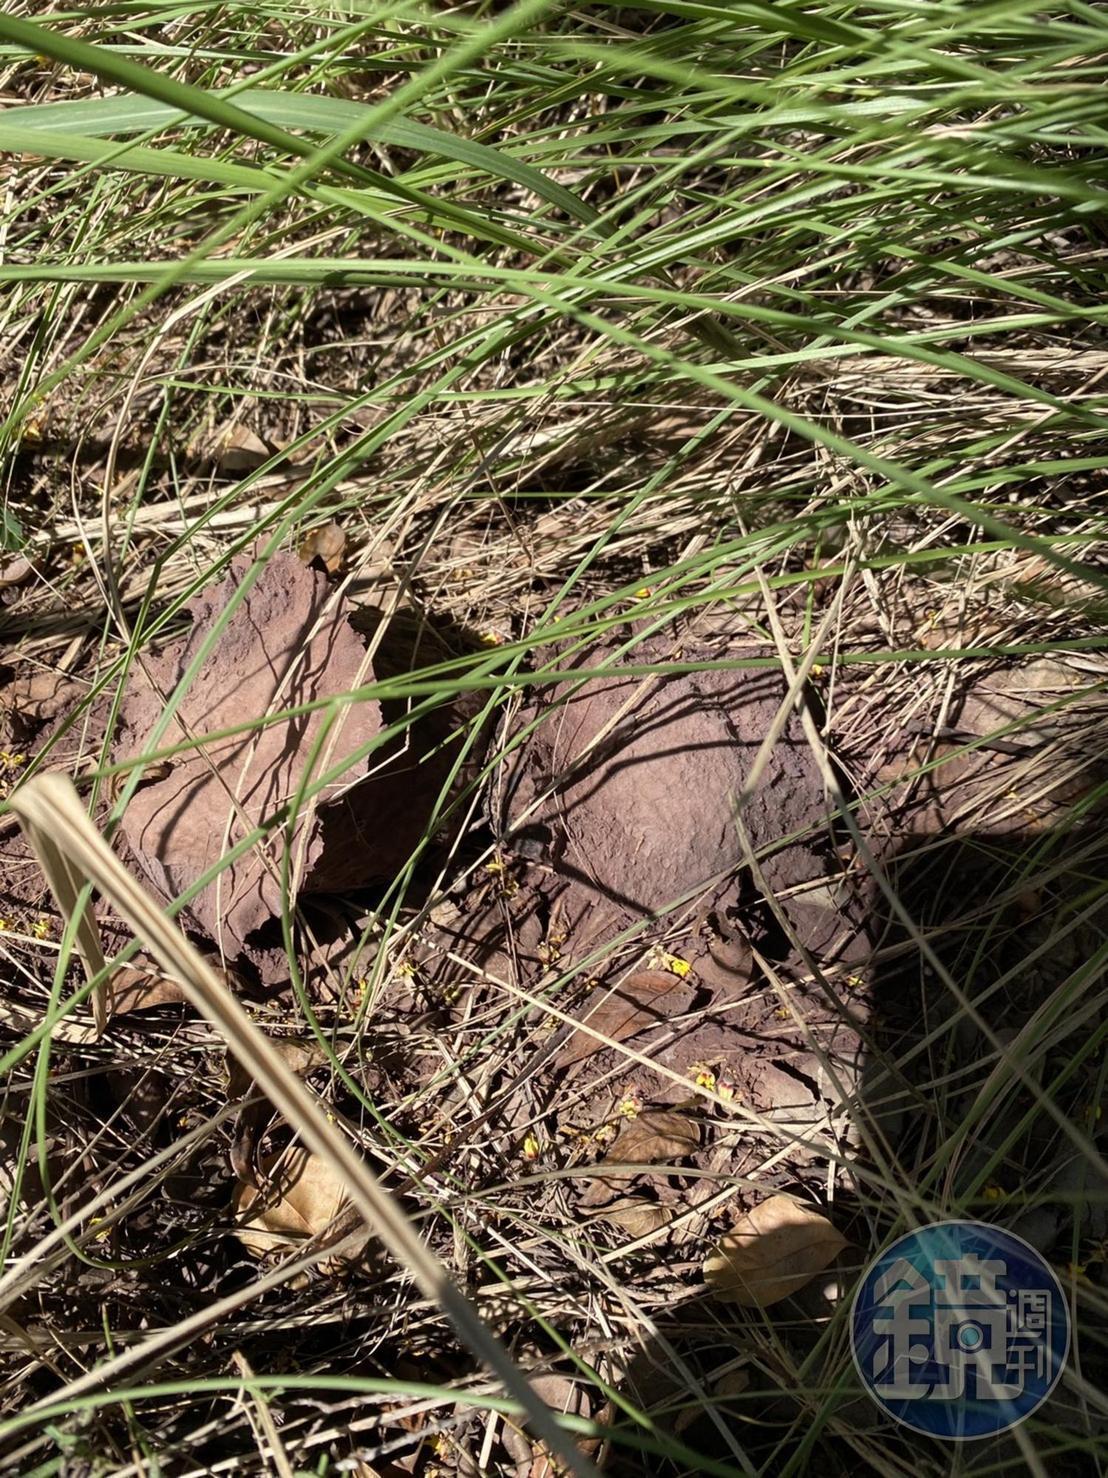 馬勃成熟後會由白轉為紫黑色,且會爆開噴發孢子。(讀者提供)